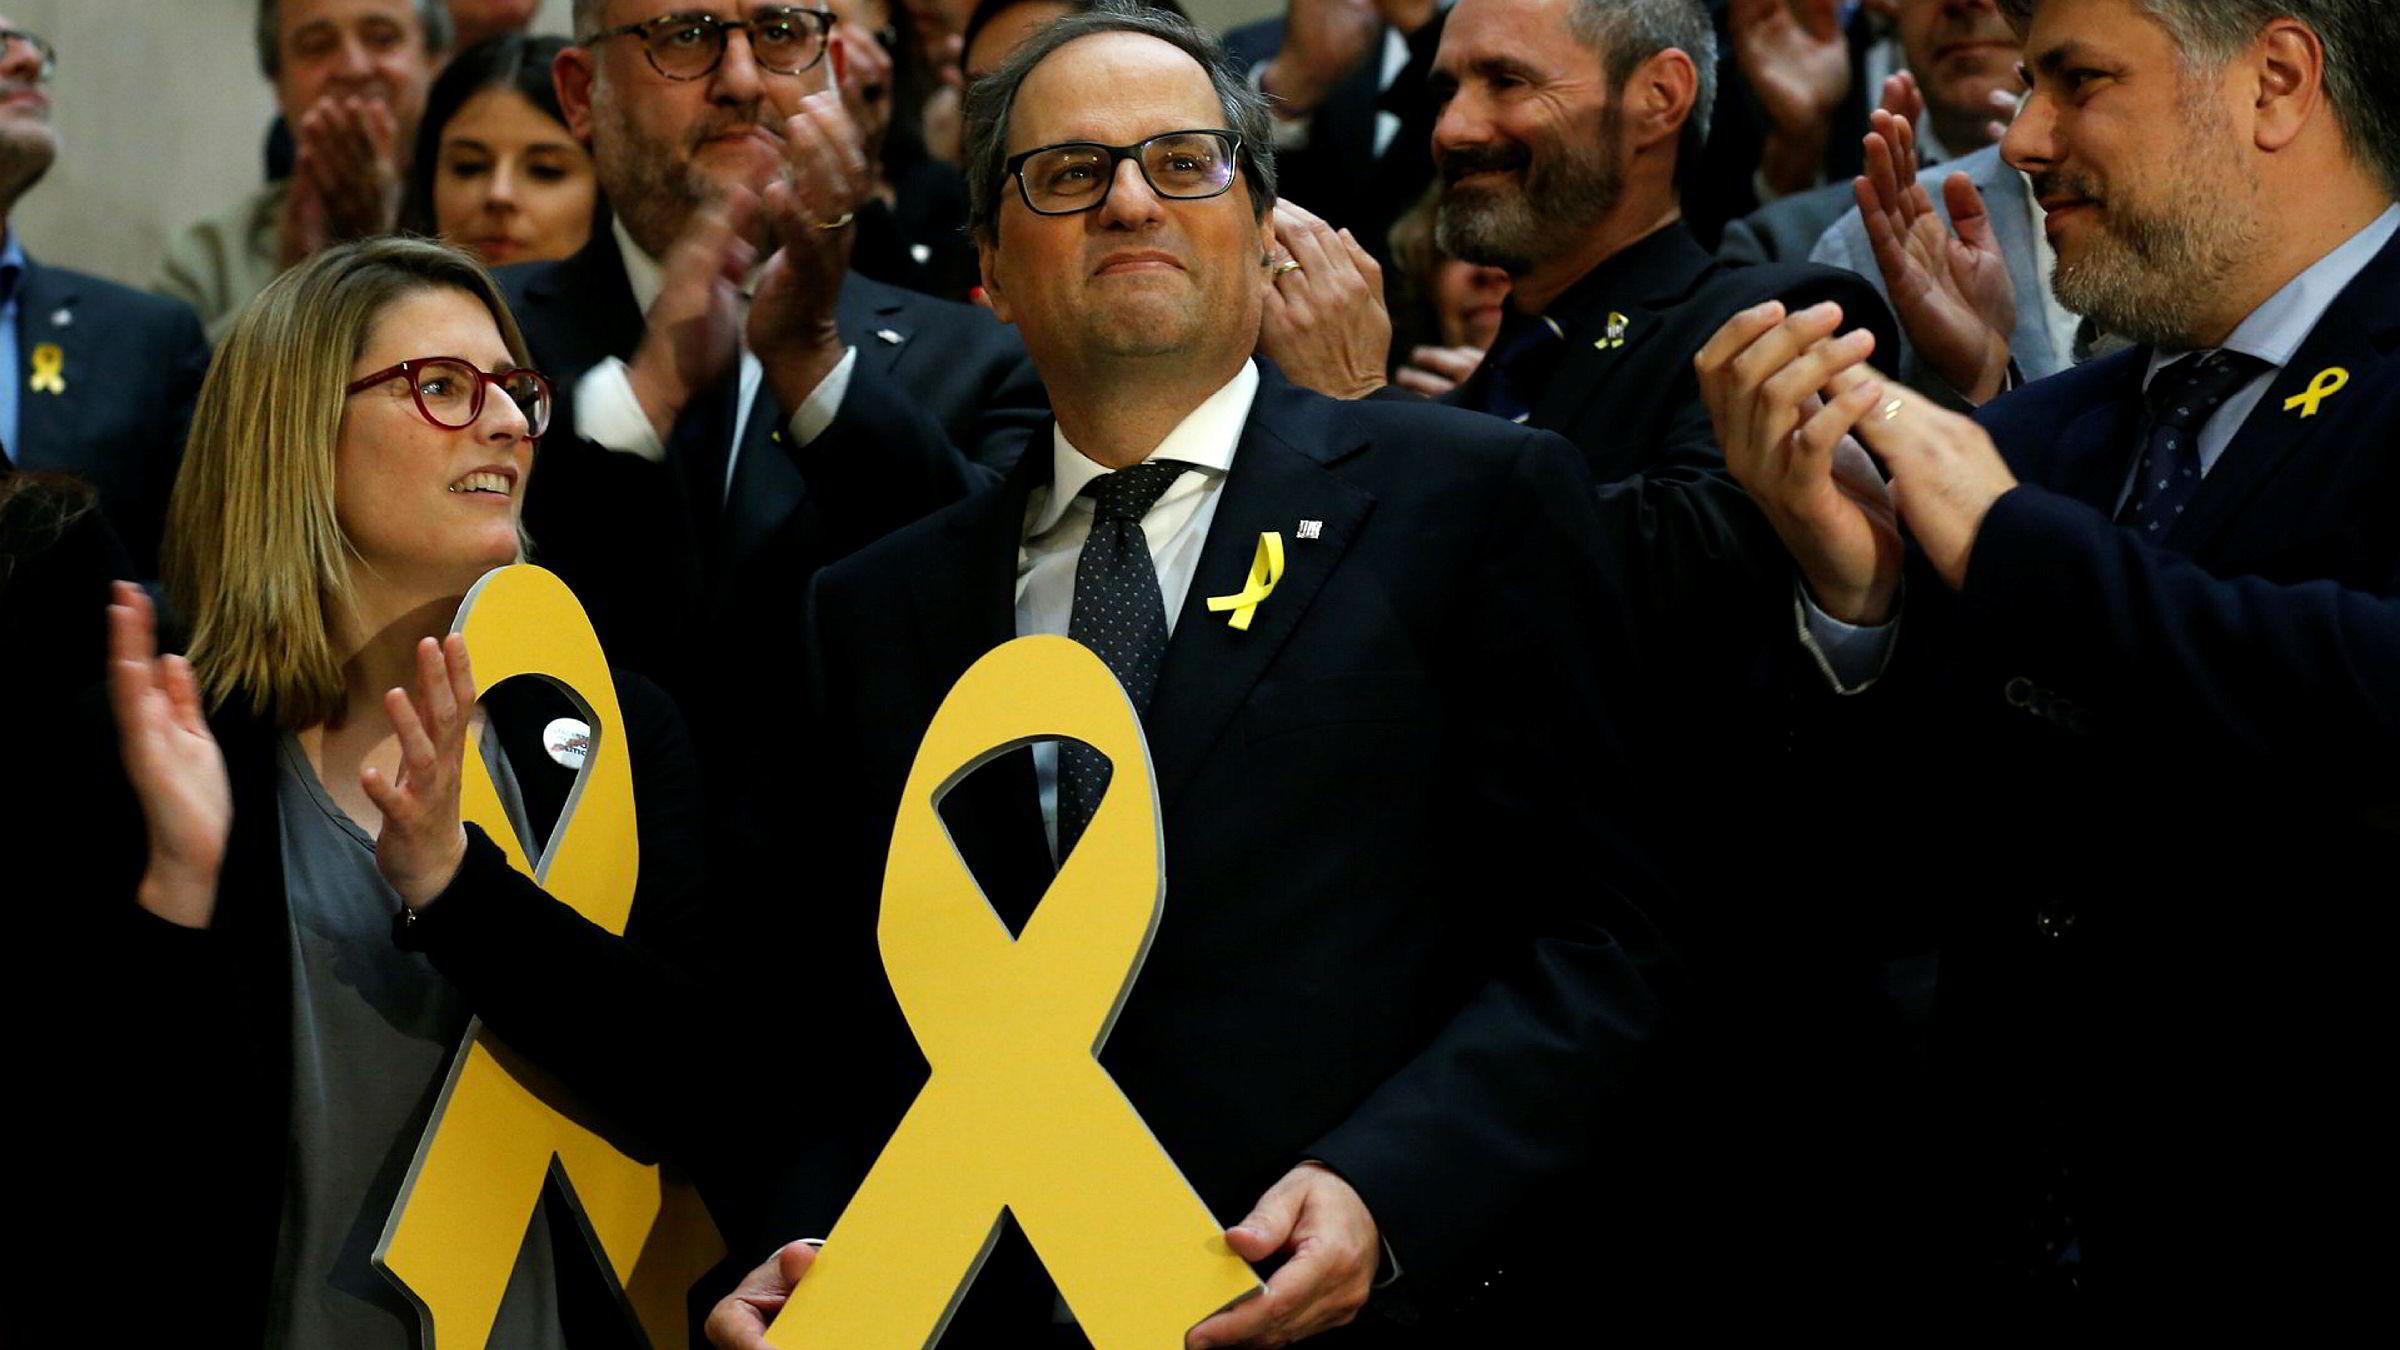 Separatistlederen Quim Torra (i midten) ble mandag valgt til ny regionspresident i Catalonia.